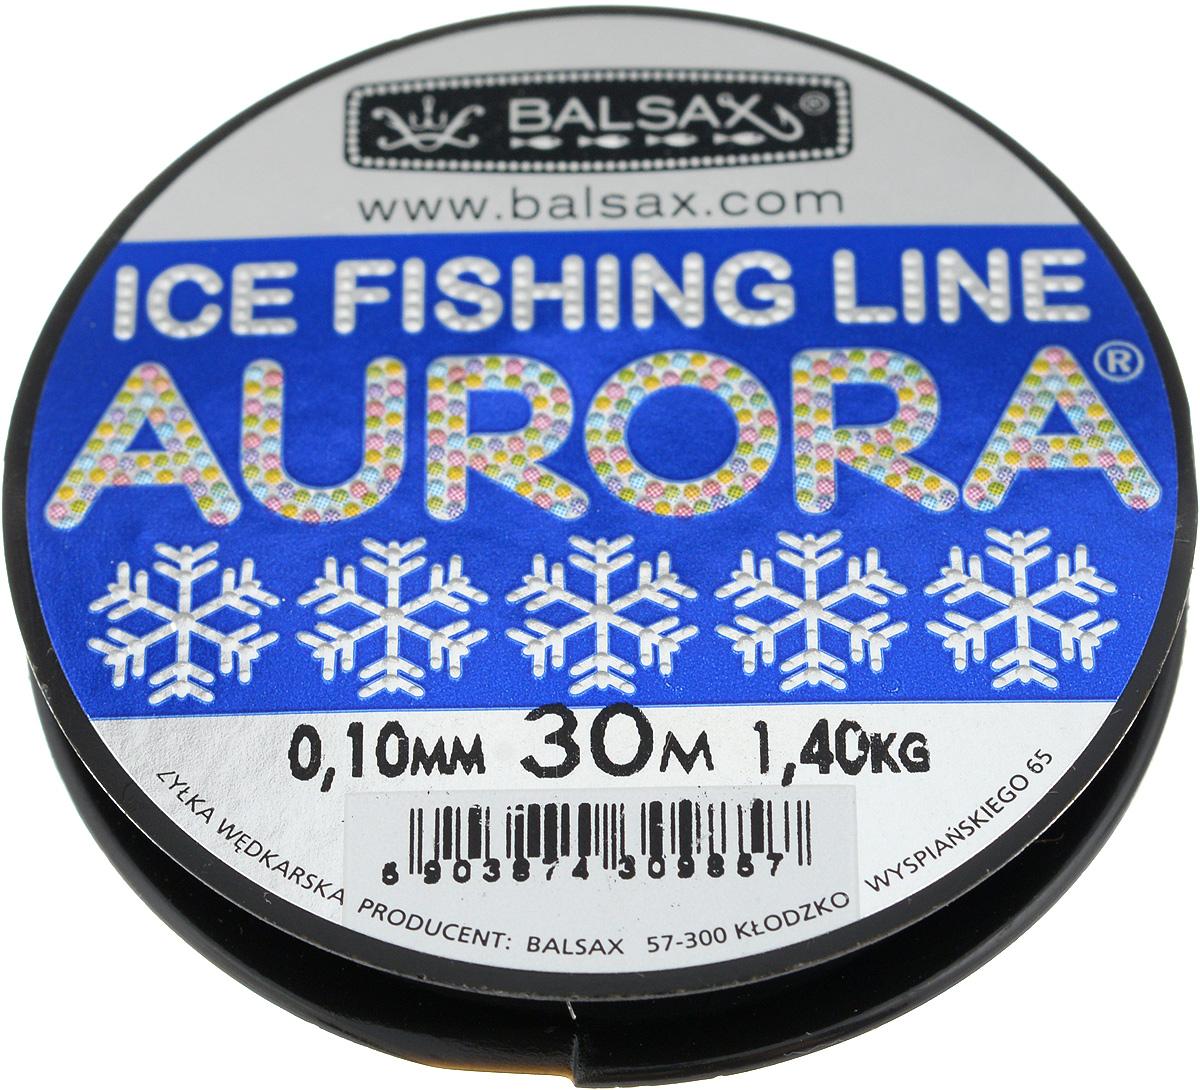 Леска зимняя Balsax Aurora, 30 м, 0,10 мм, 1,4 кг310-04010Леска Balsax Aurora изготовлена из 100% нейлона и очень хорошо выдерживает низкие температуры. Даже в самом холодном климате, при температуре вплоть до -40°C, она сохраняет свои свойства практически без изменений, в то время как традиционные лески становятся менее эластичными и теряют прочность.Поверхность лески обработана таким образом, что она не обмерзает и отлично подходит для подледного лова. Прочна в местах вязки узлов даже при минимальном диаметре.